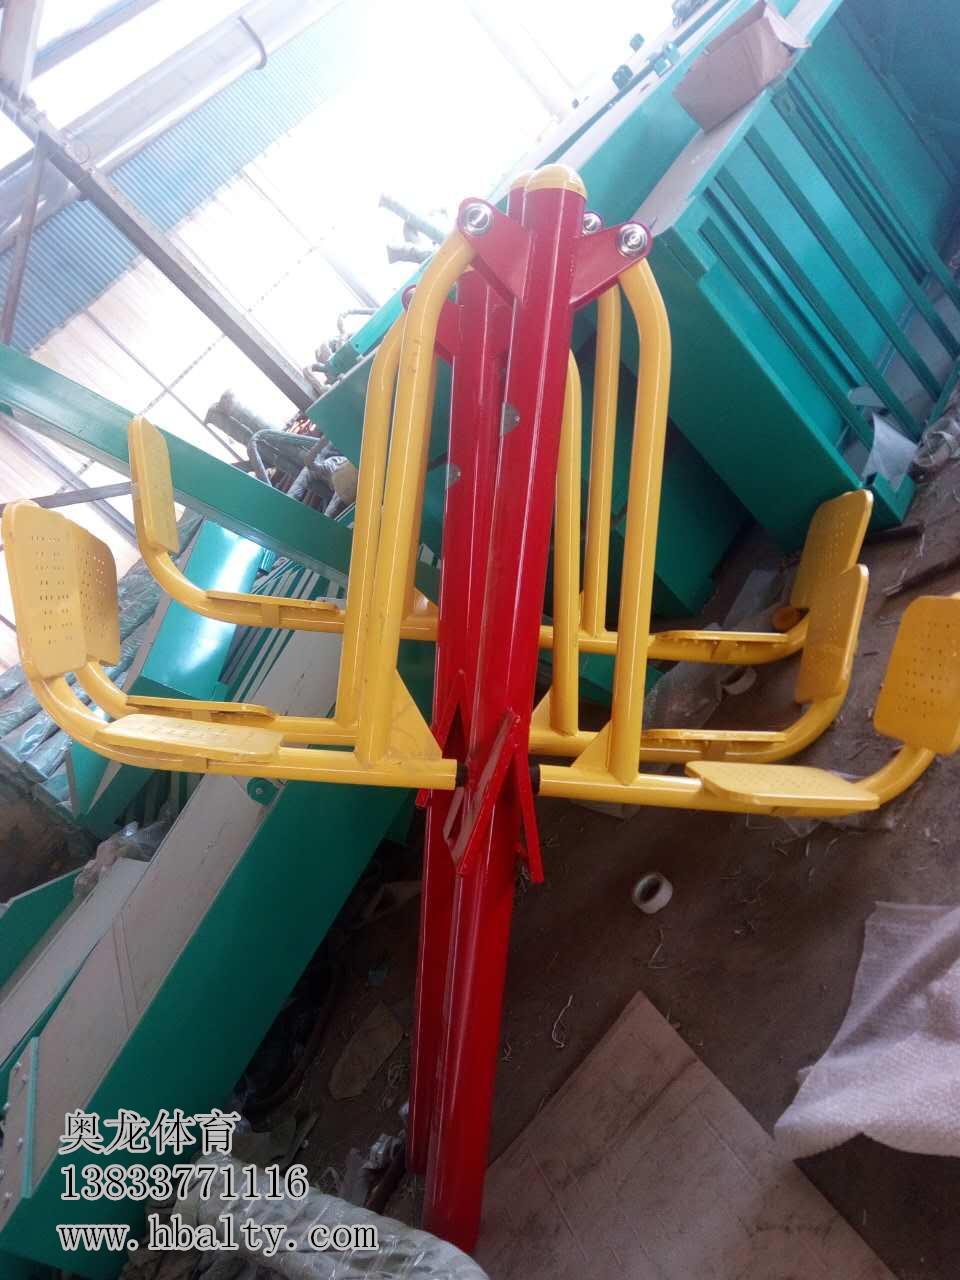 黑龙江室外健身器材生产厂家 奥龙体育厂家直销